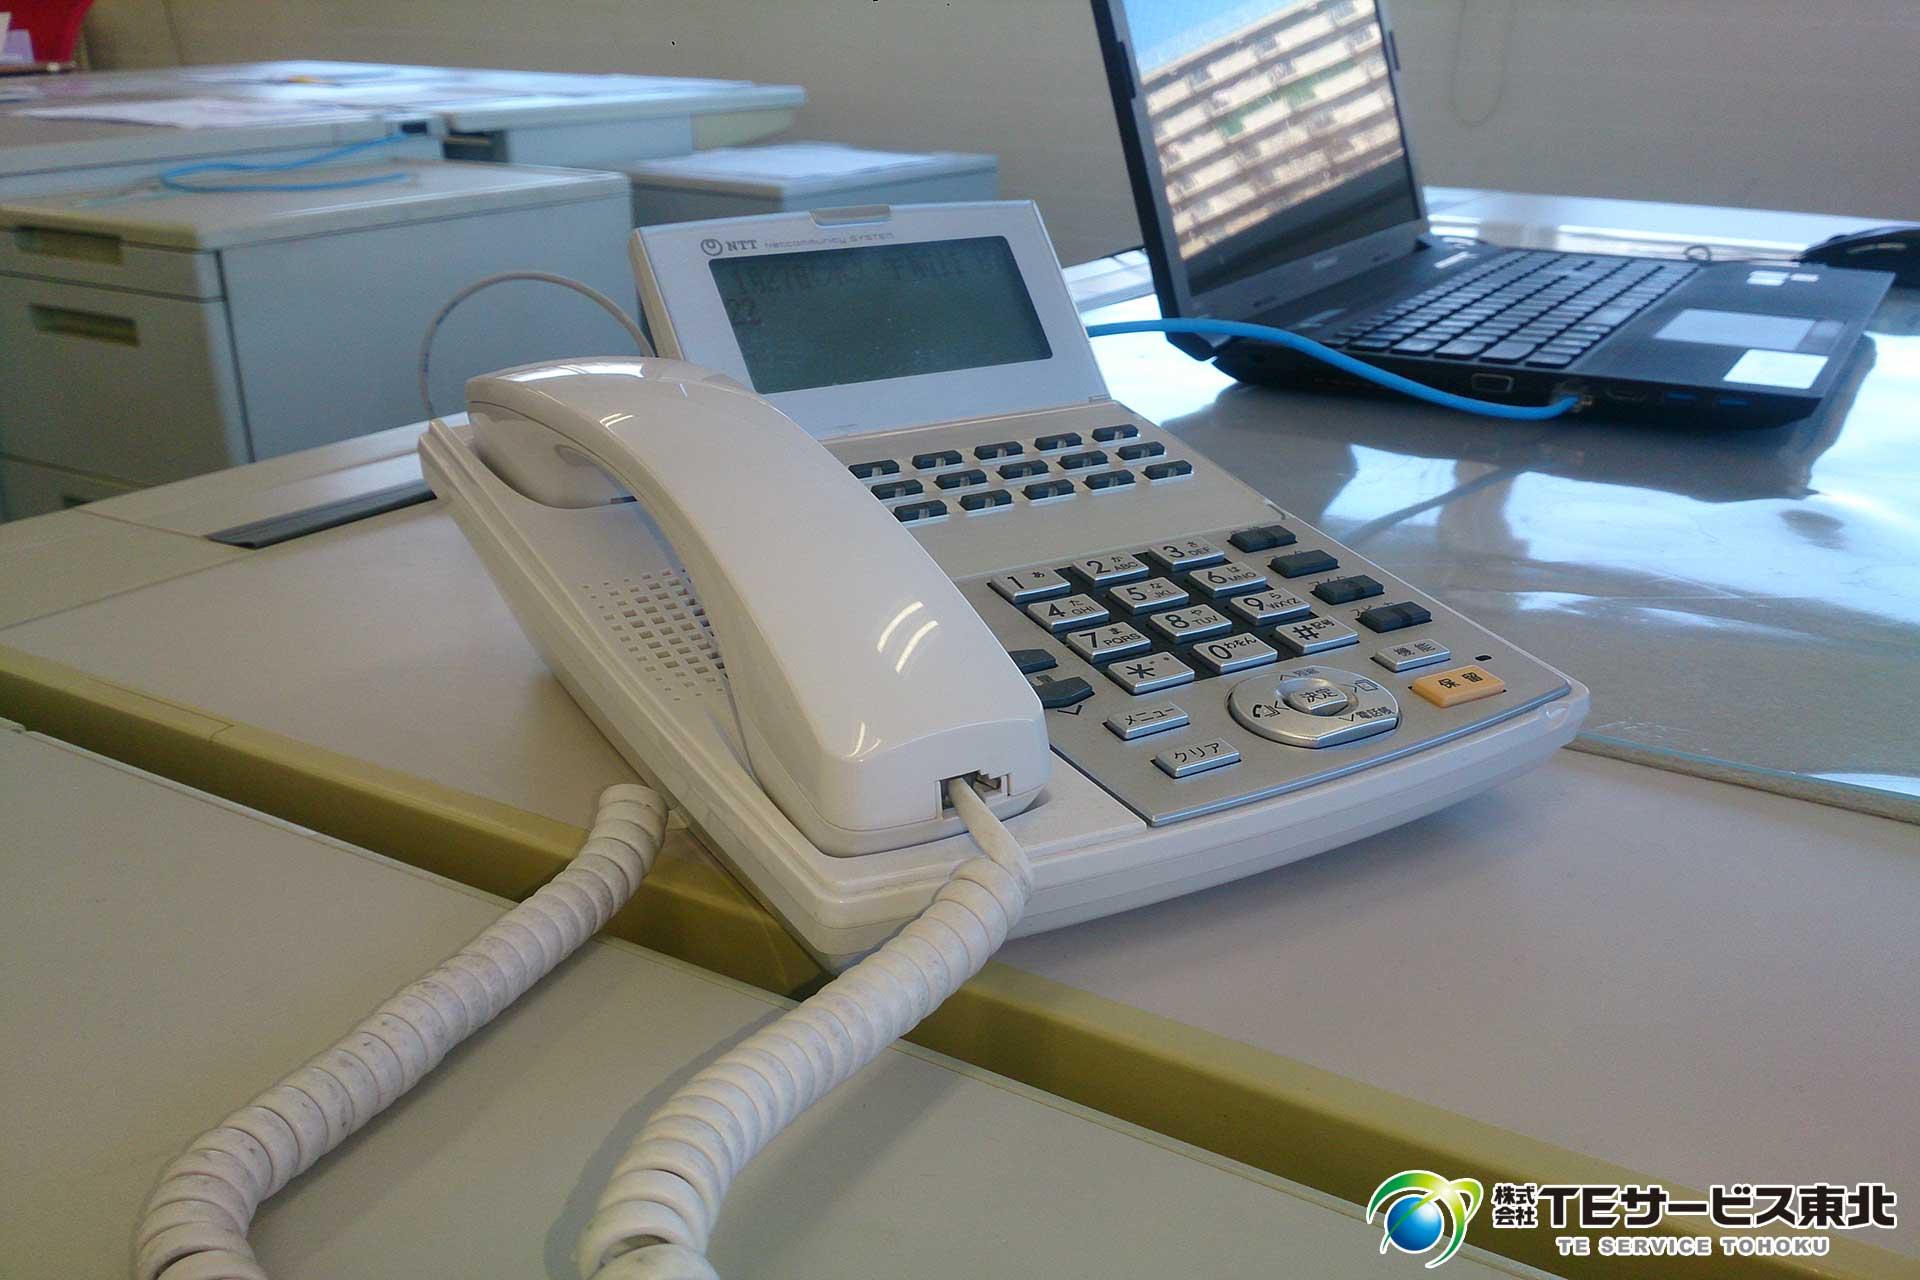 情報通信機器販売のイメージ